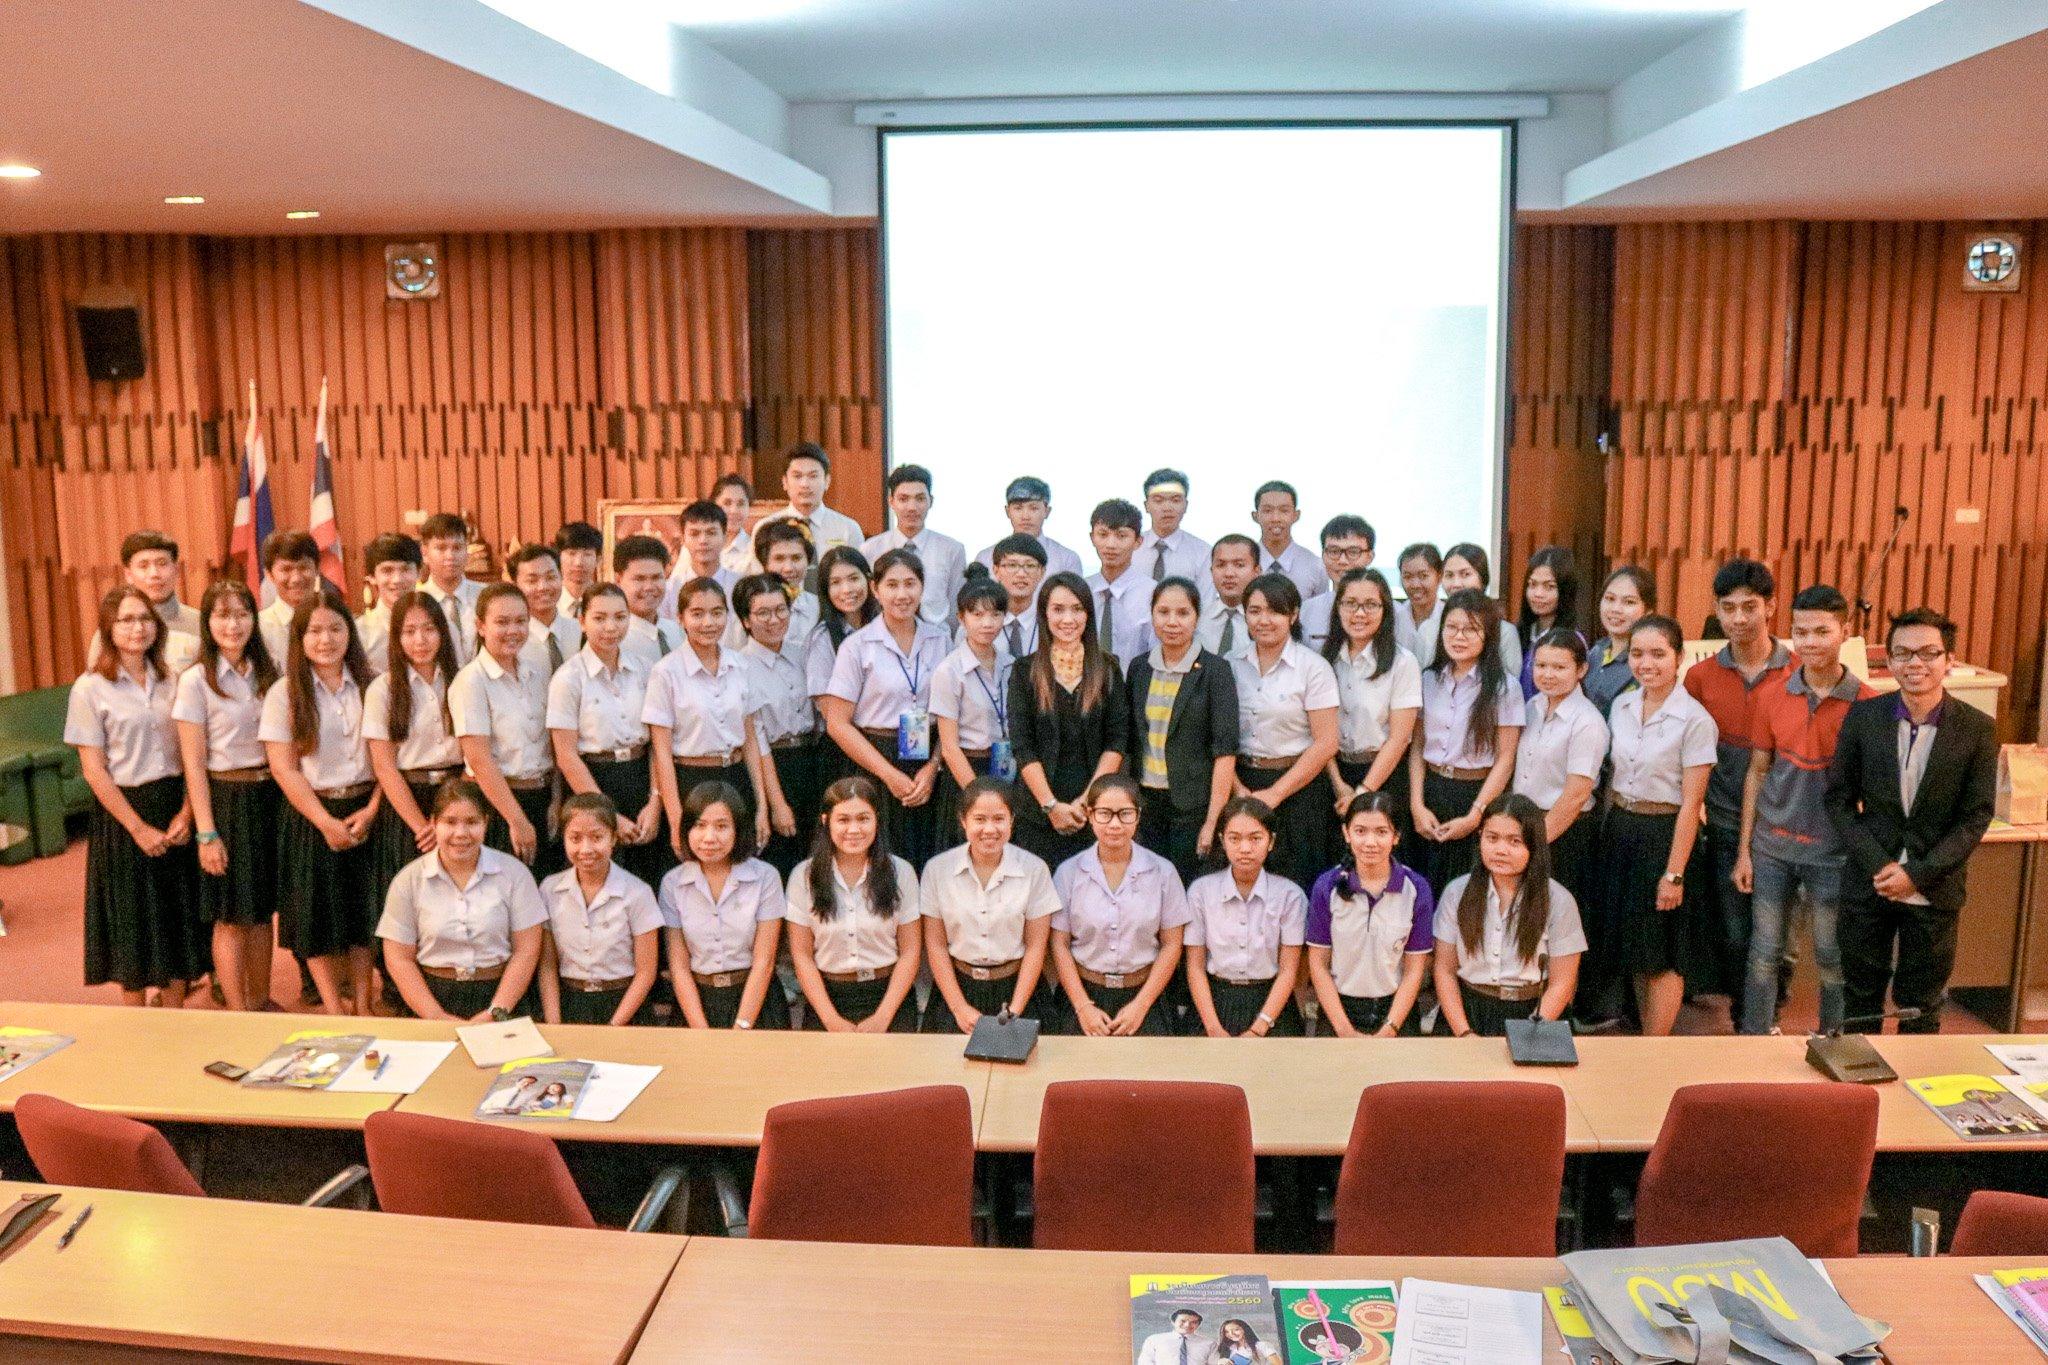 อบรมการพูดเพื่อการแนะแนวการศึกษา ปีการศึกษา 2560